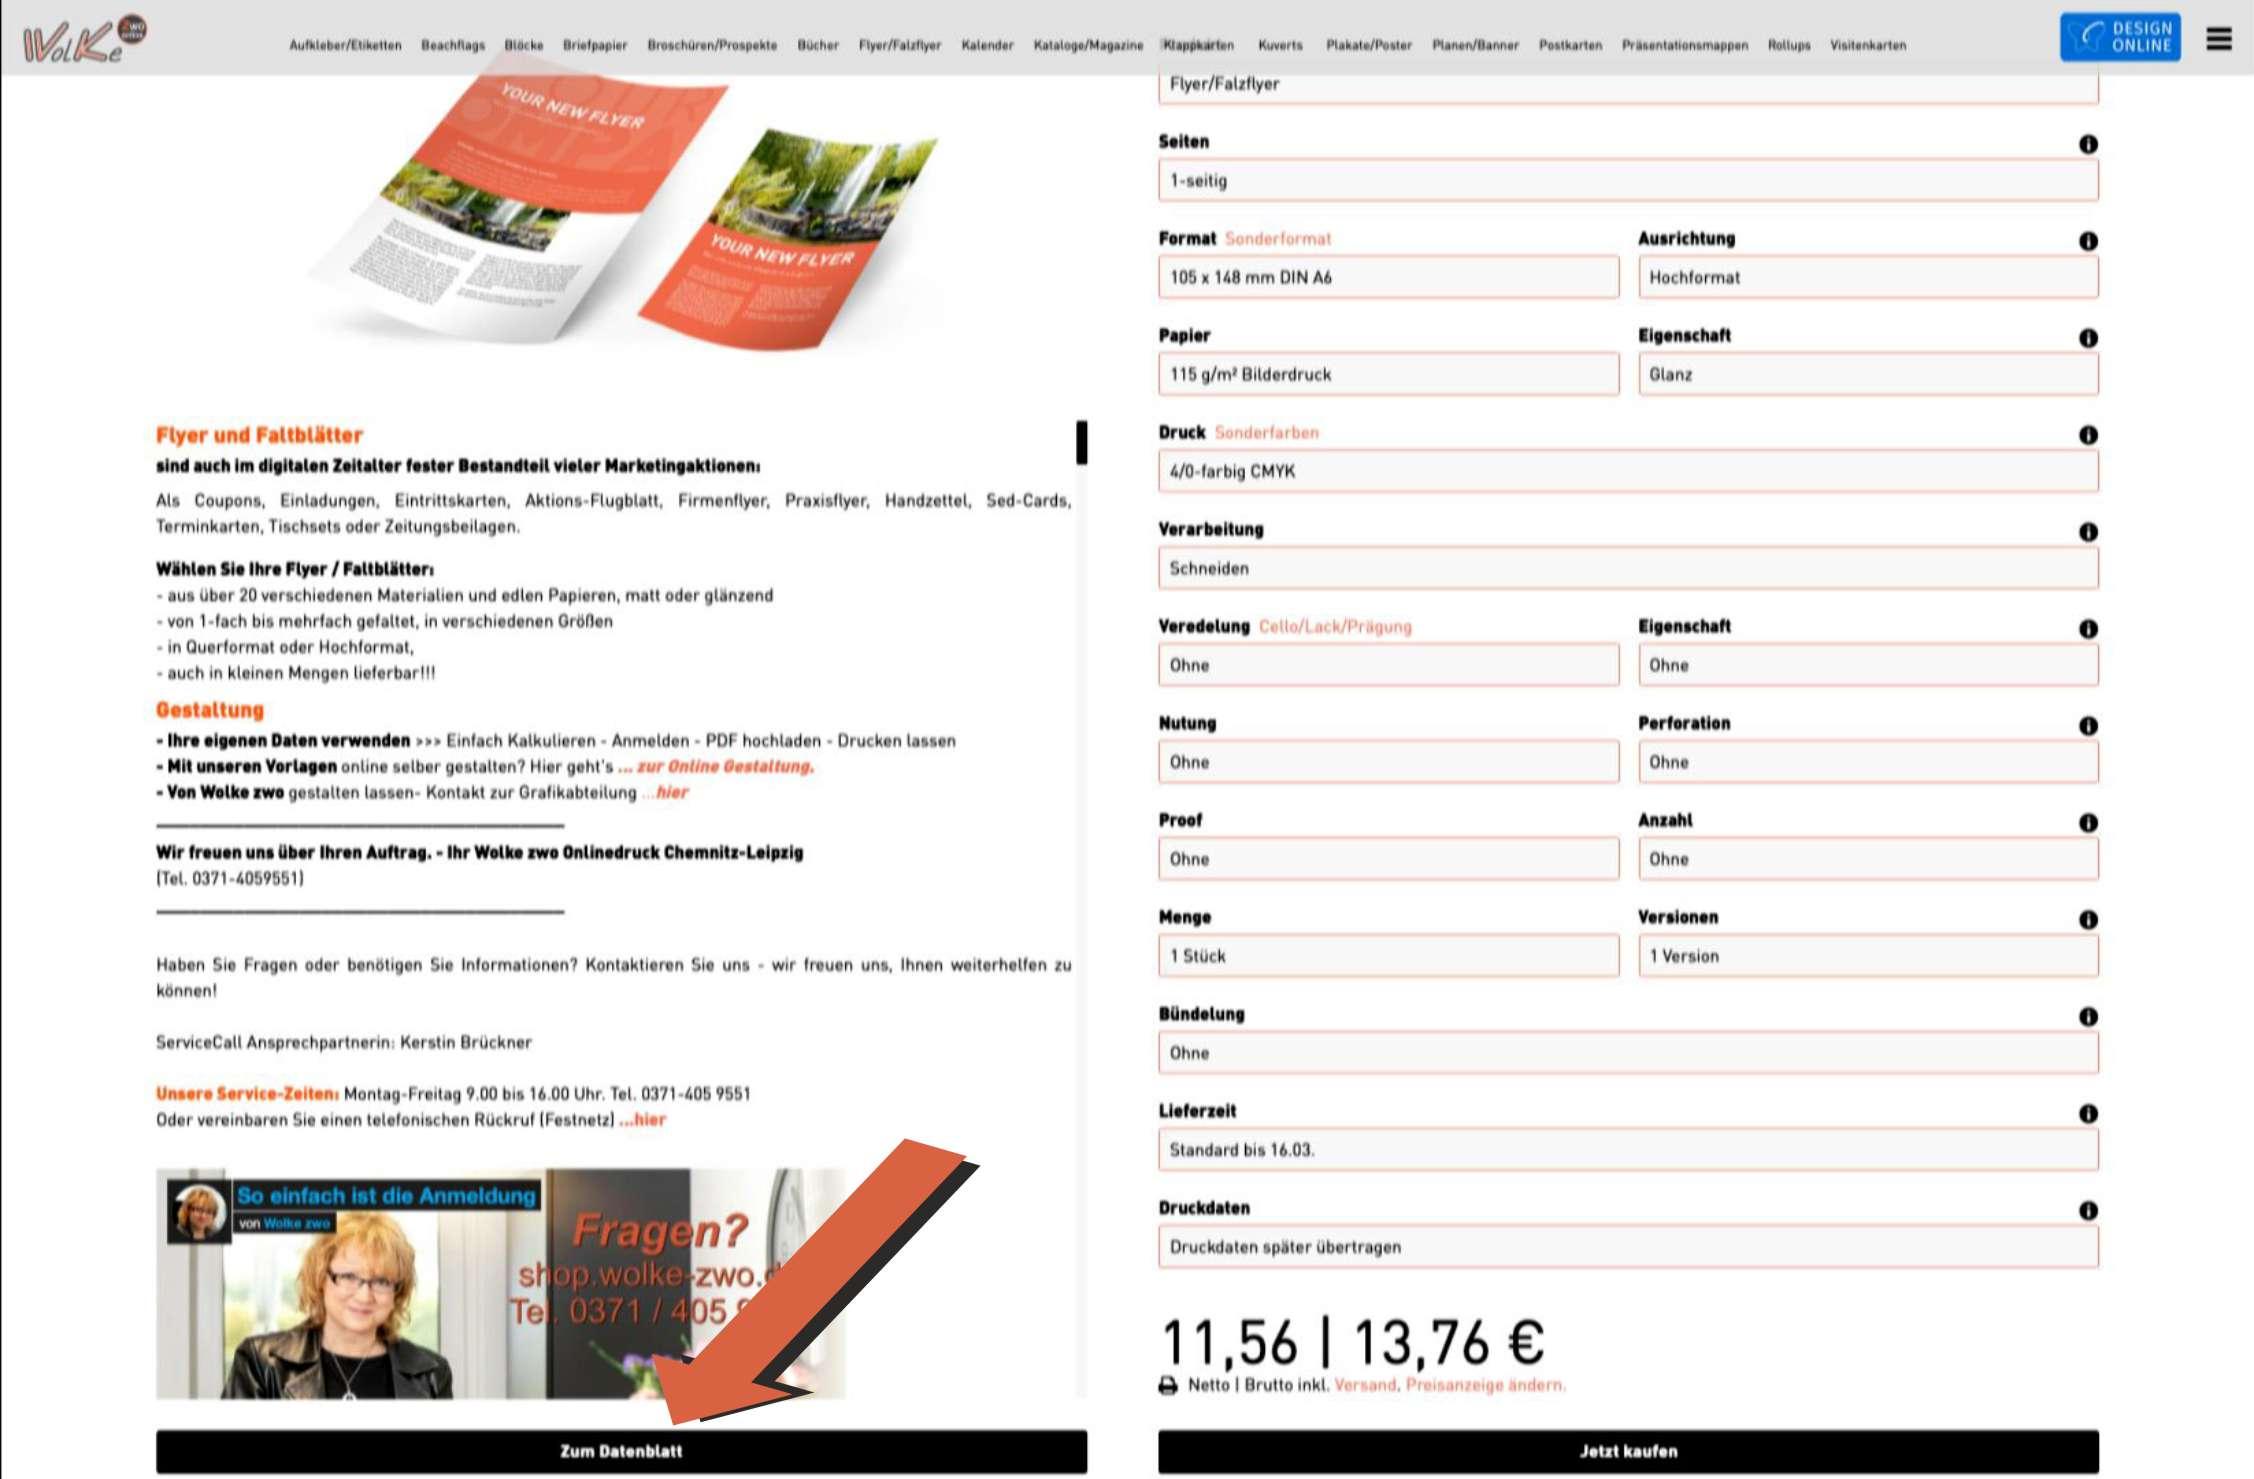 Datenblatt für richtige Seiten-Anordnung